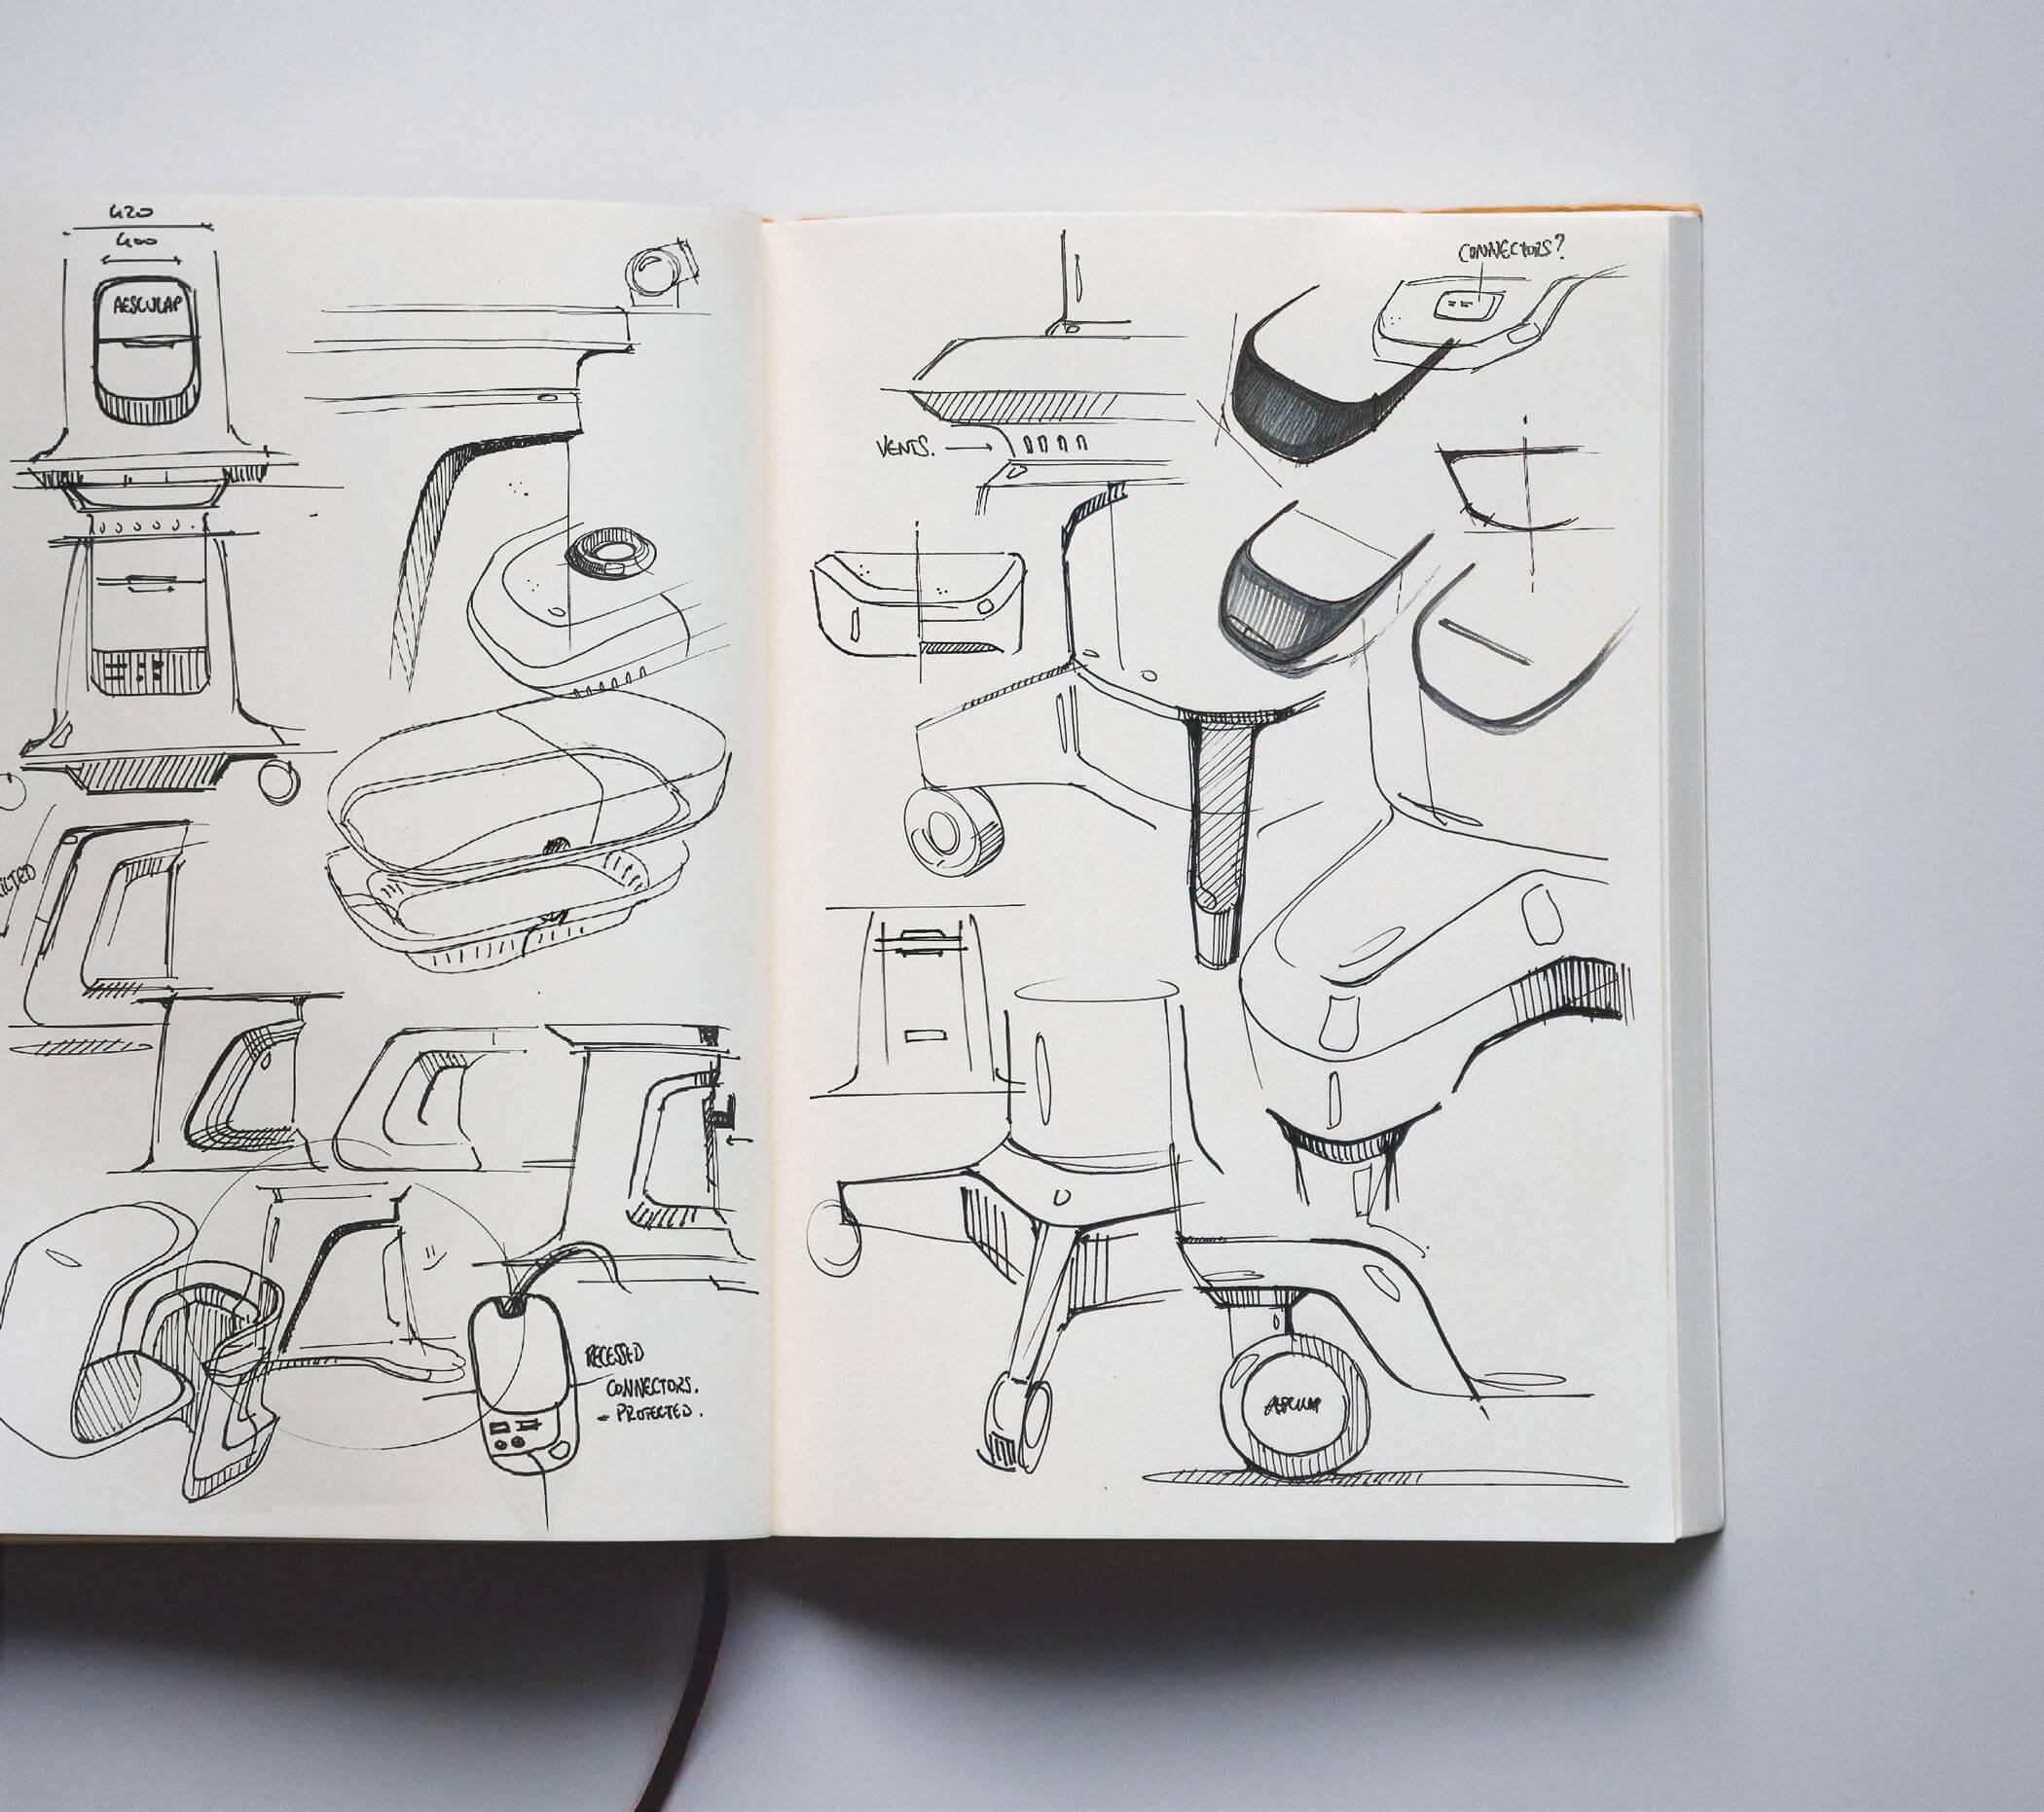 SketchDevelopAeos